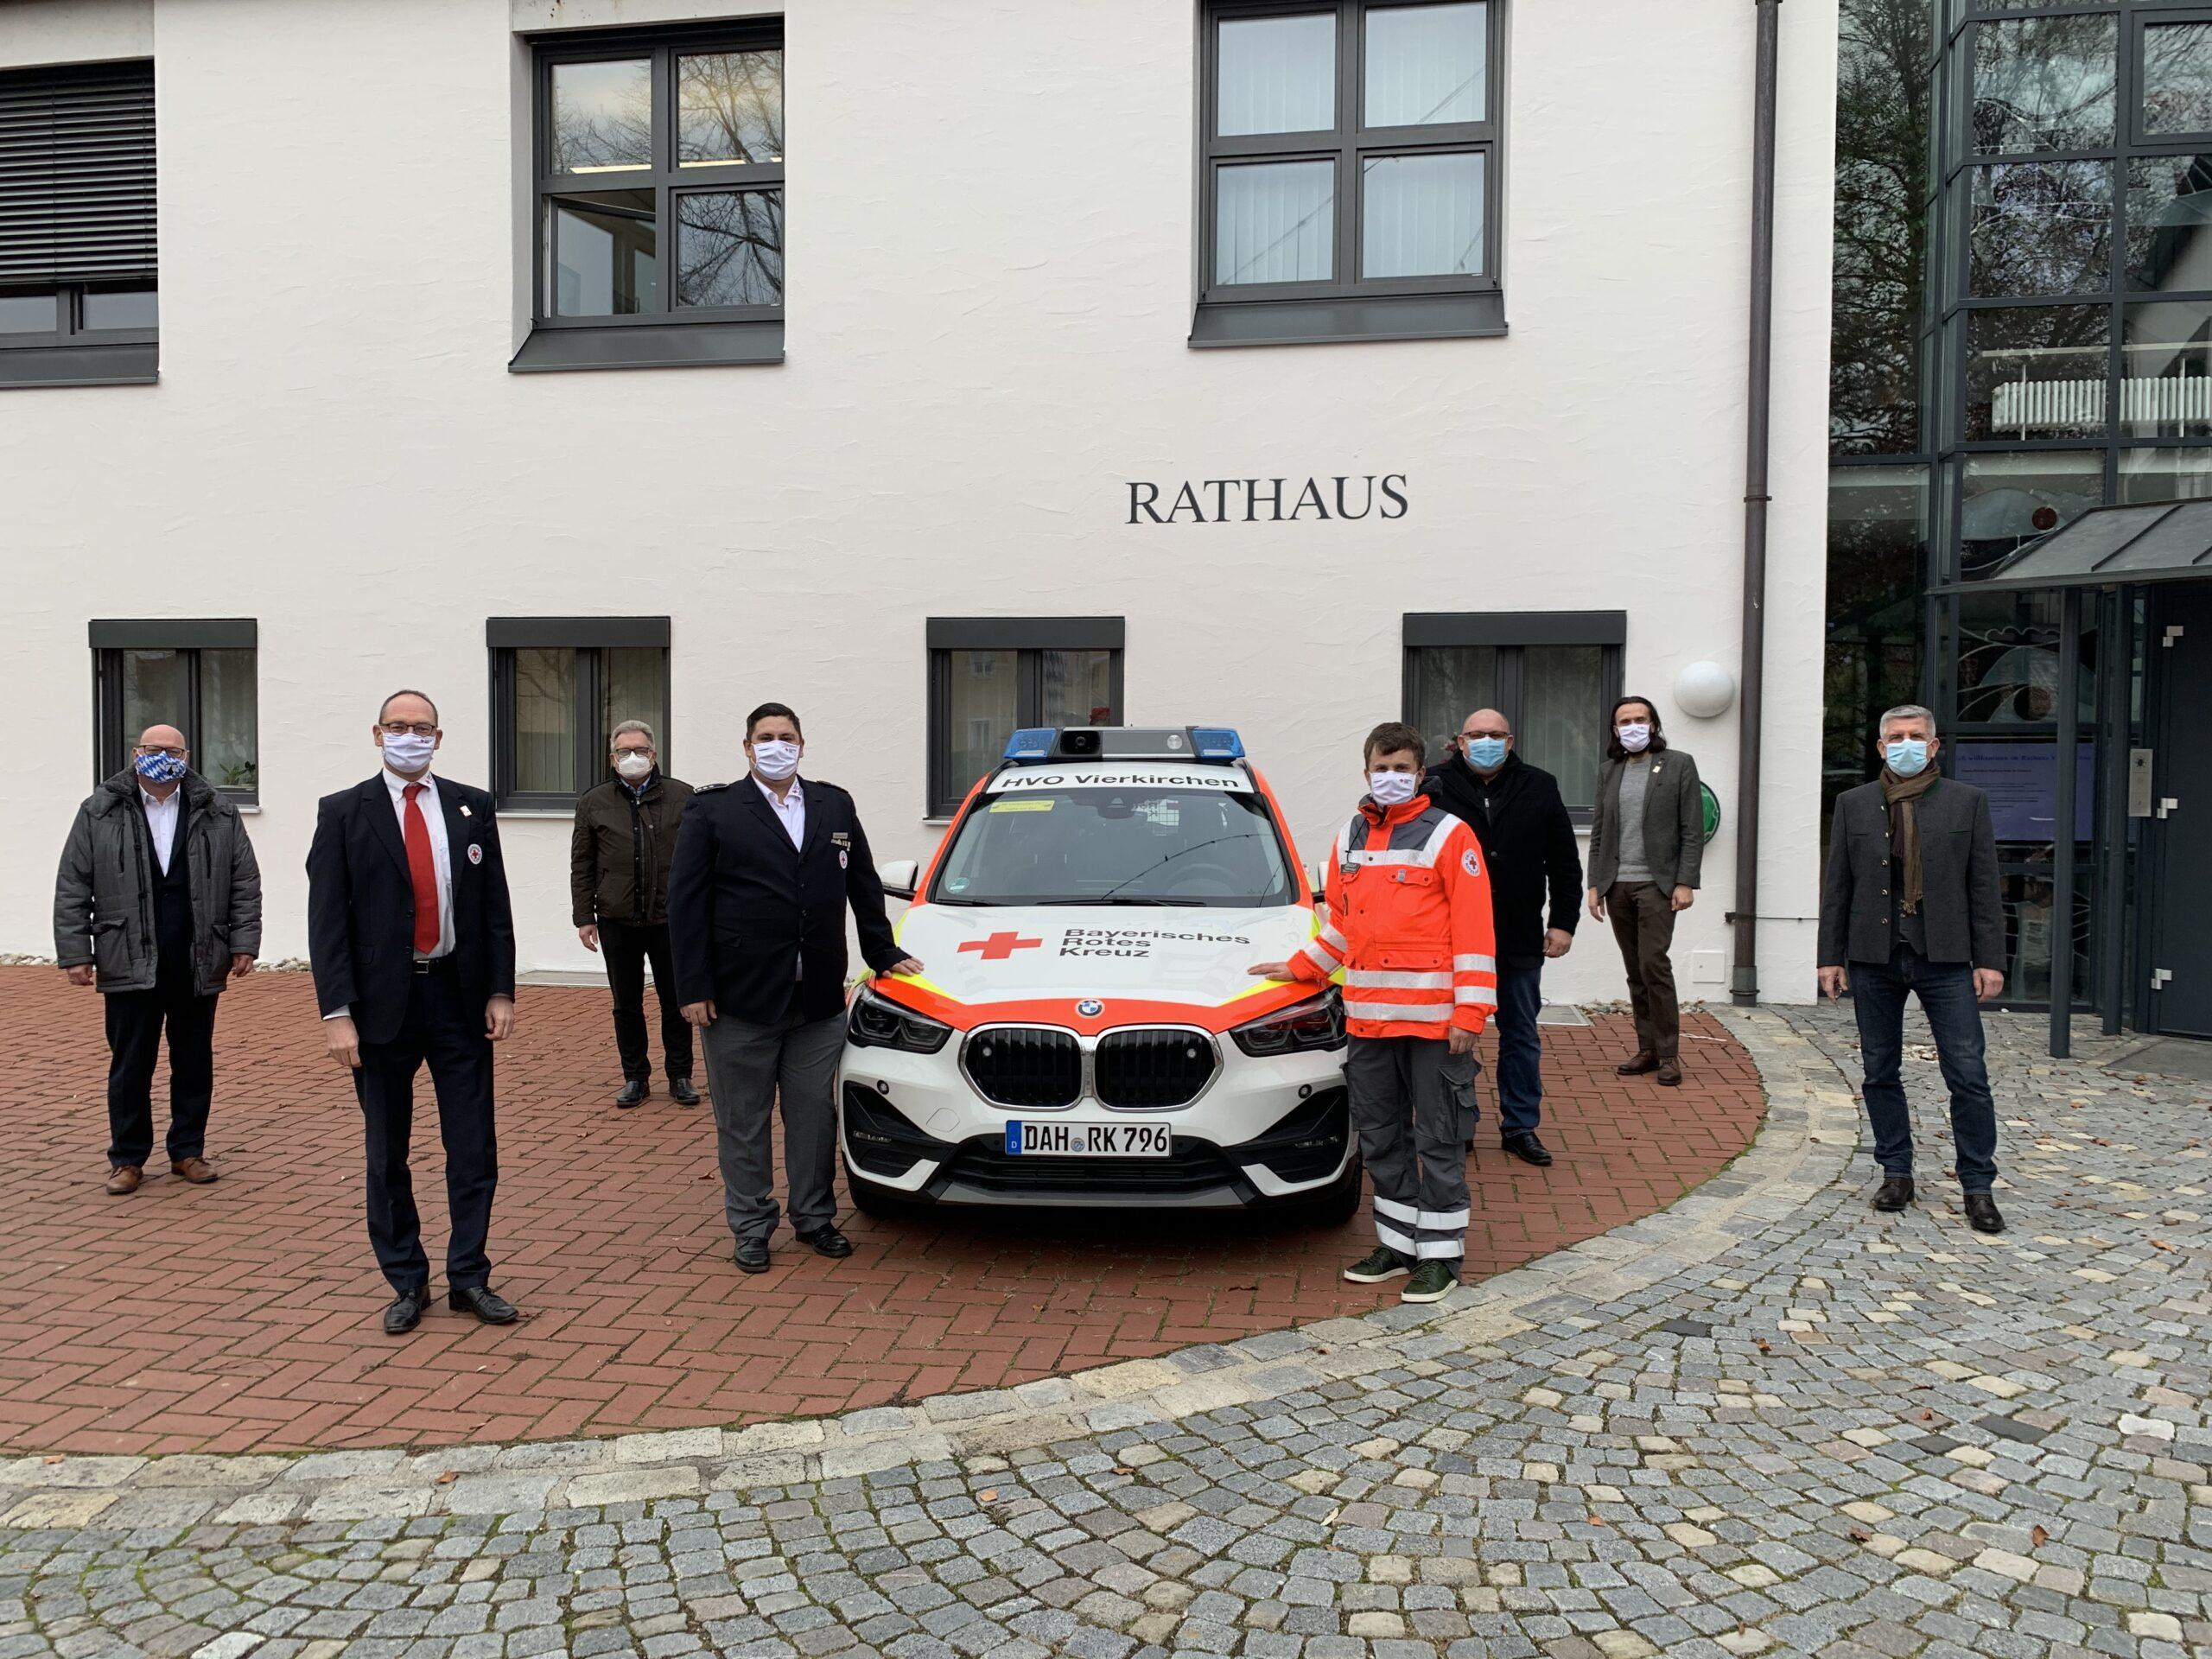 Foto (von li nach re): Bürgermeister Harald Mundl, Bernhard Seidenath, Bürgermeister Dieter Kugler, Thomas Bauer, Christoph van Bracht (rechts neben dem Auto), dahinter Bürgermeister Harald Dirlenbach, Paul Polyfka und Erich Dorfmeister.